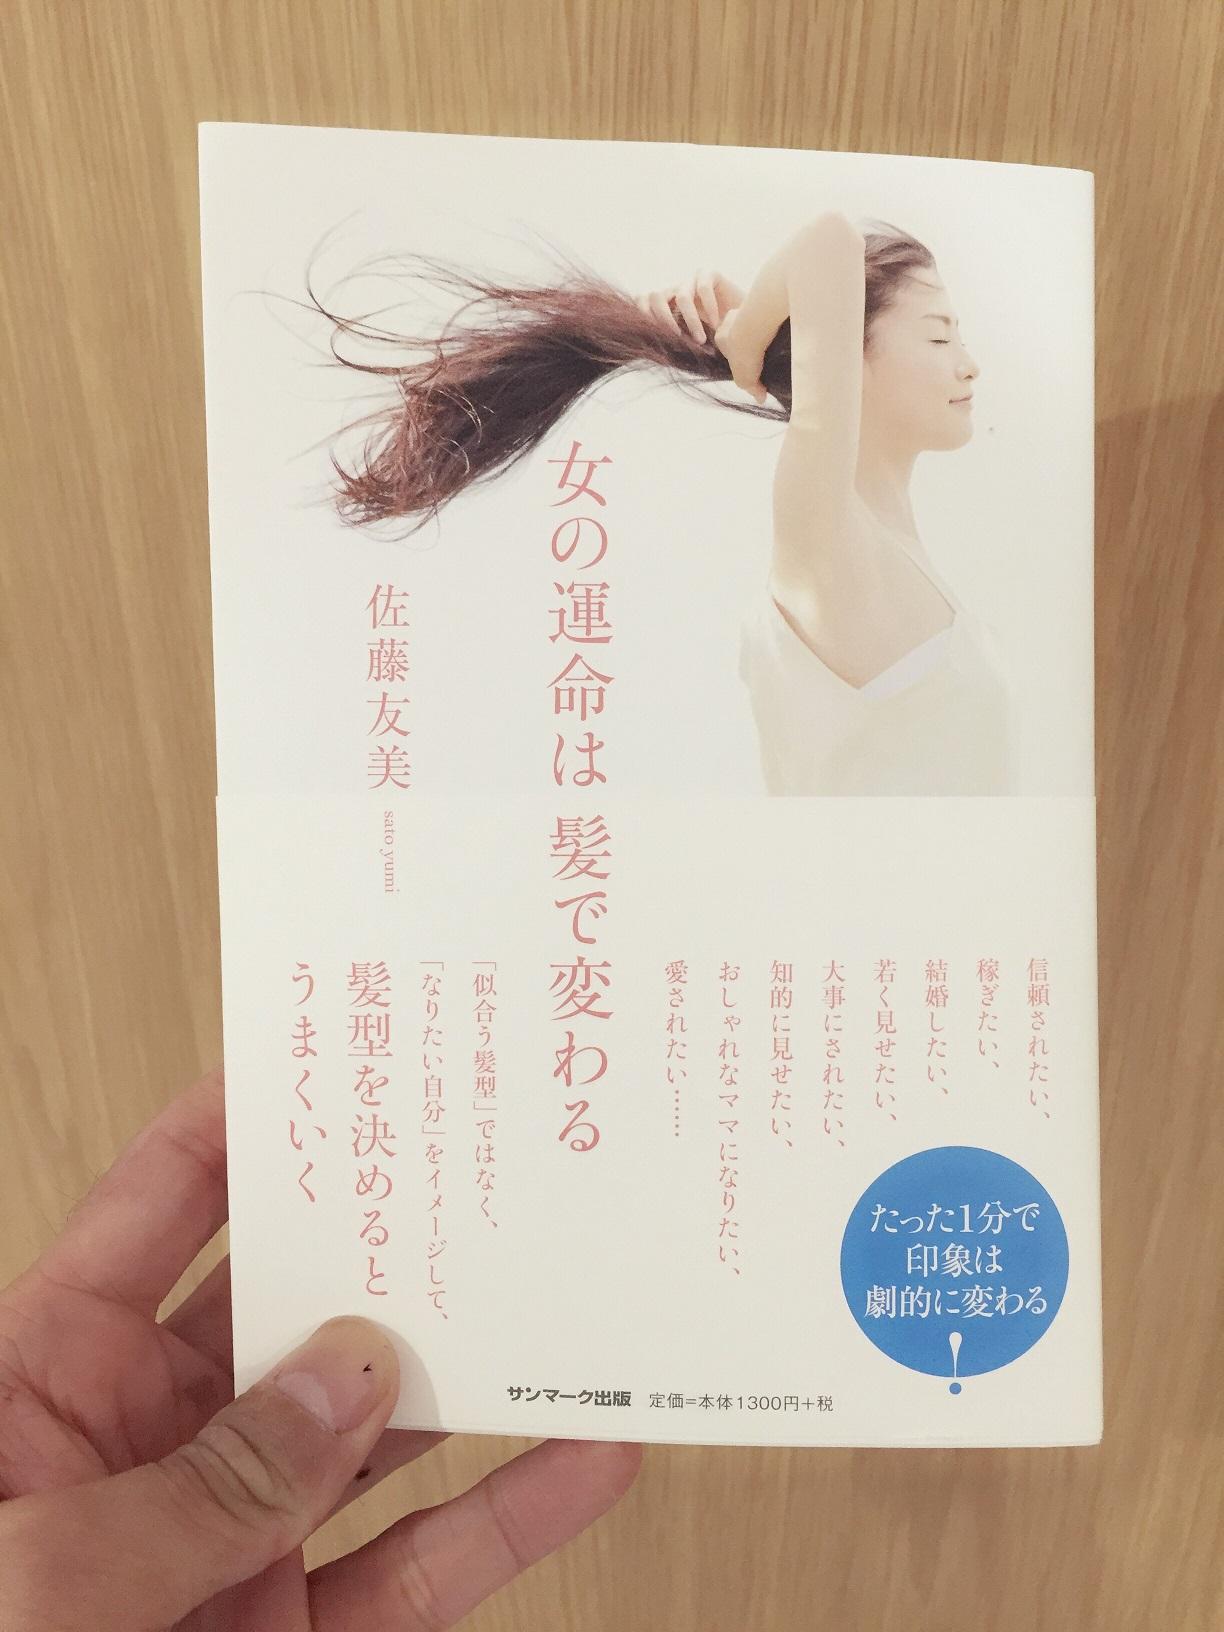 「女の運命は髪で変わる」を読んで